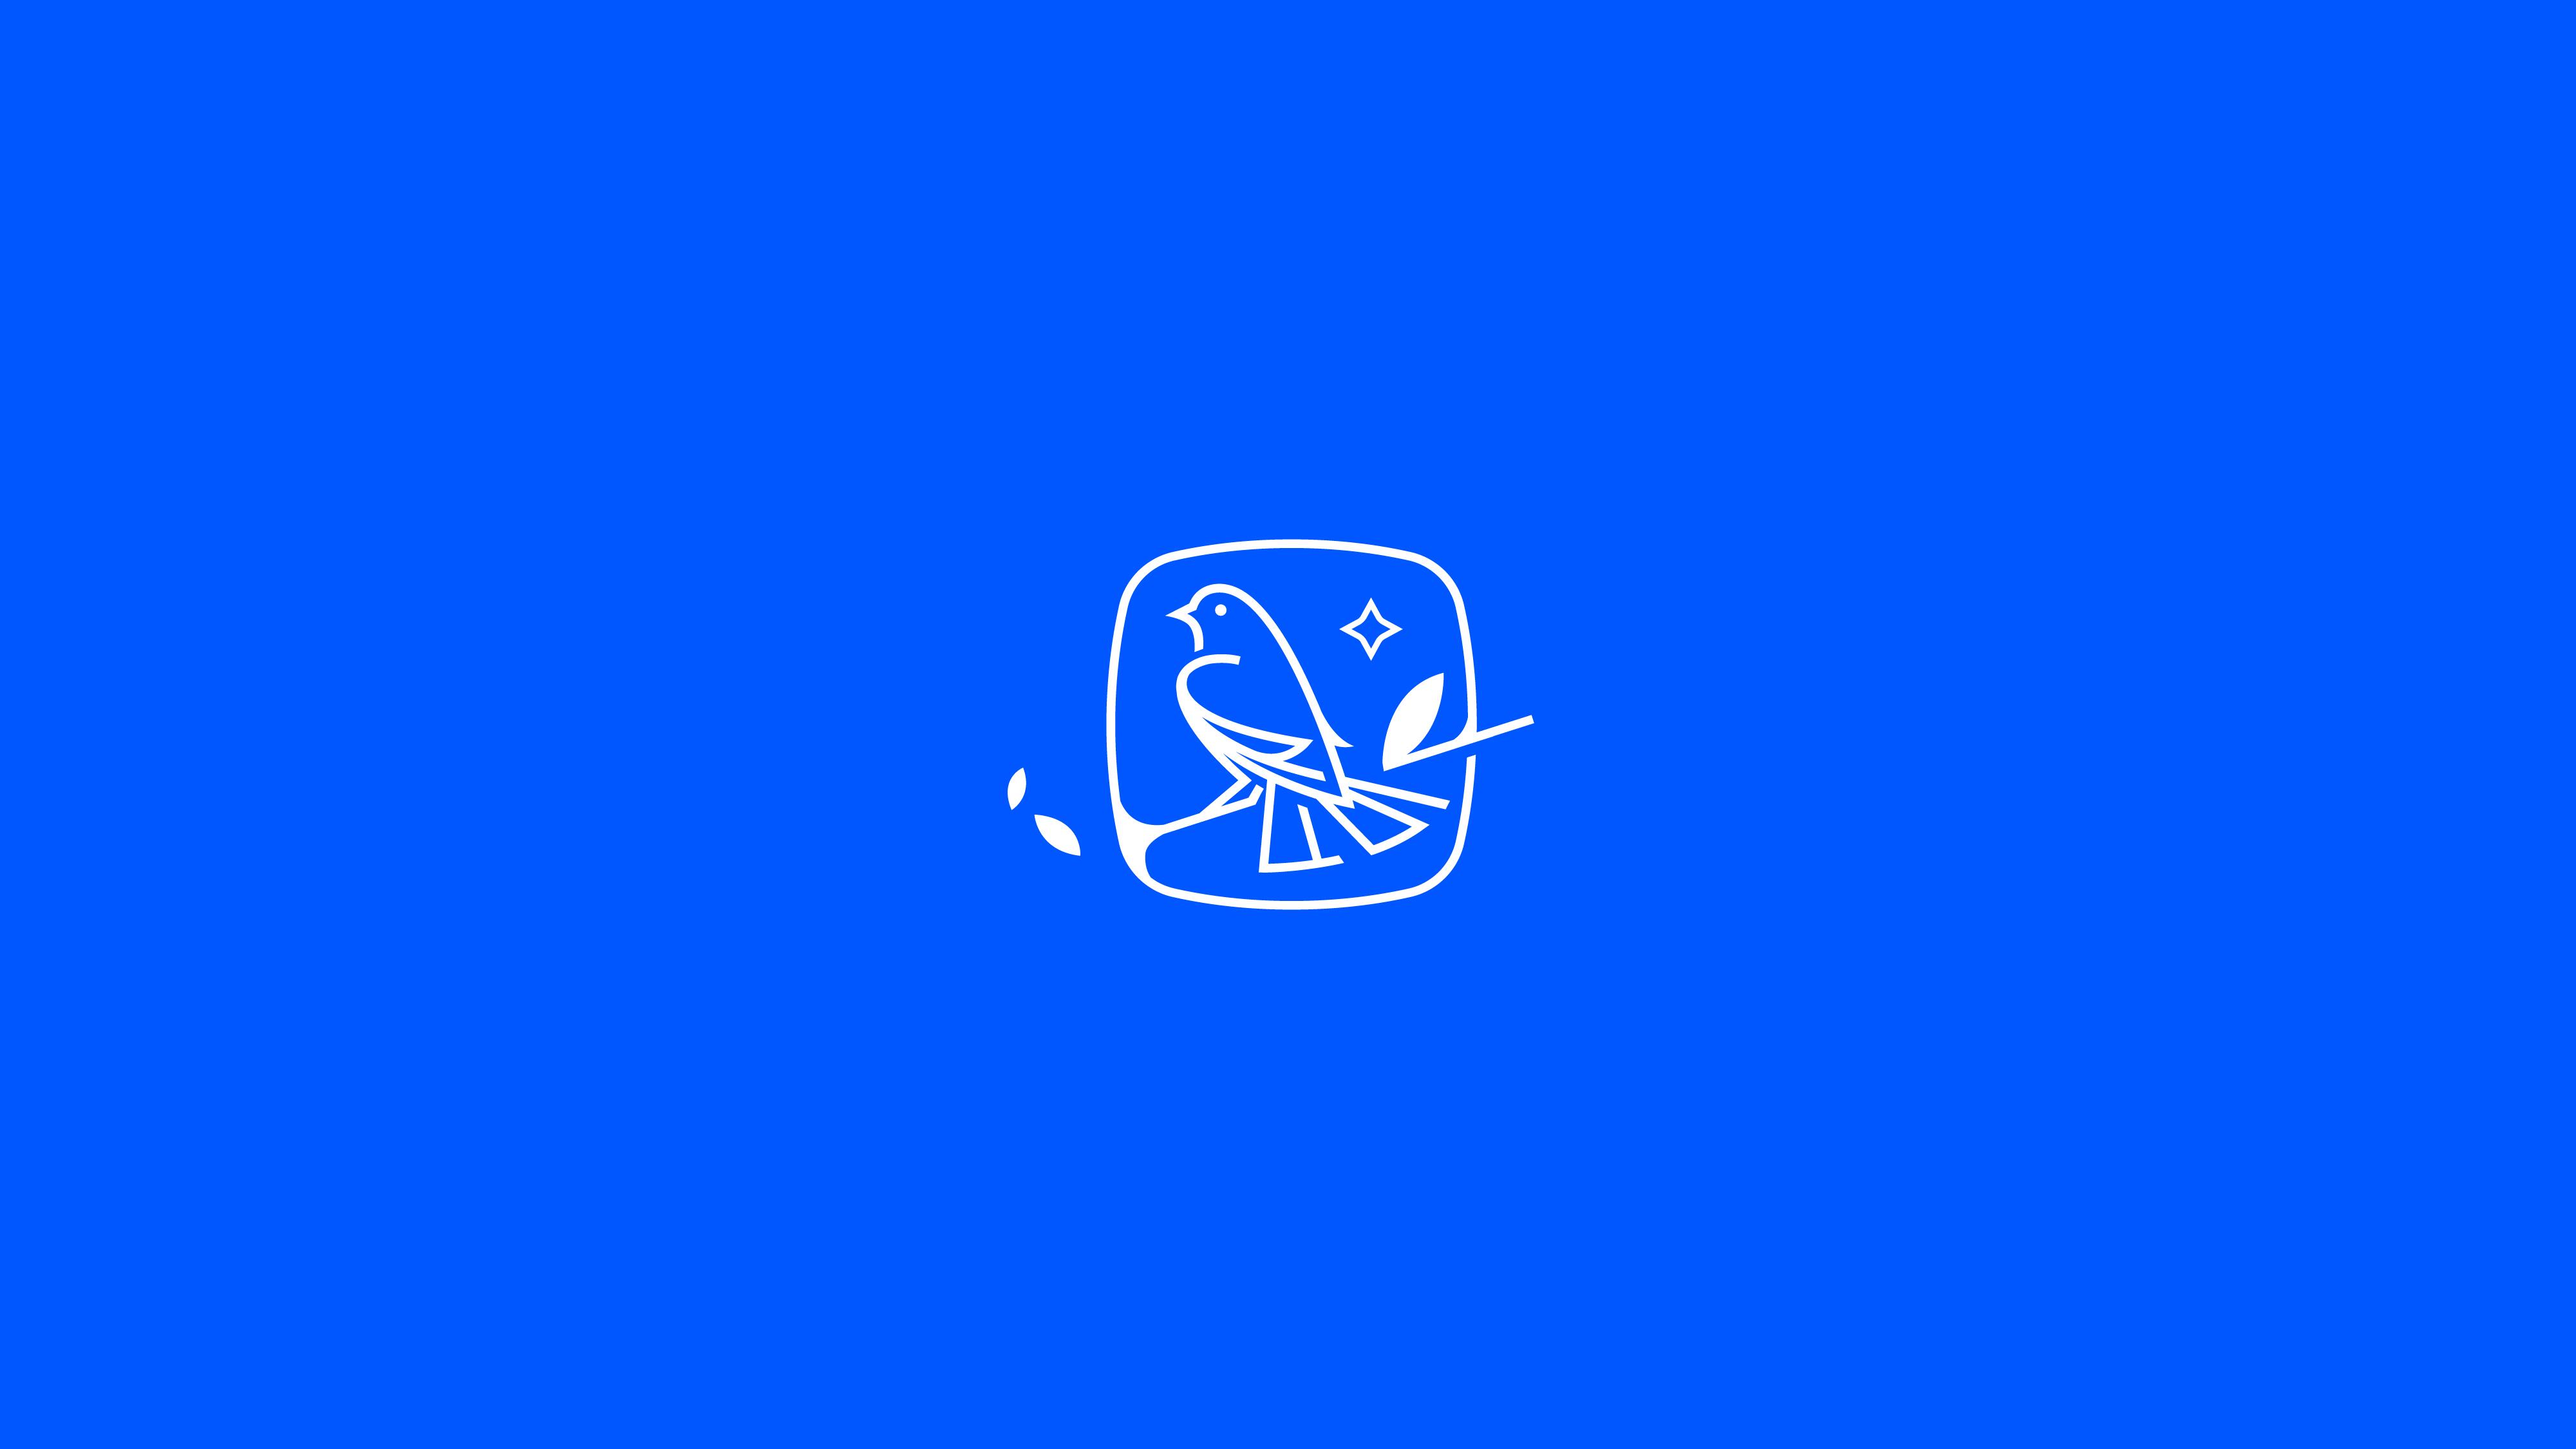 ODAKONE-Bird-logo-design